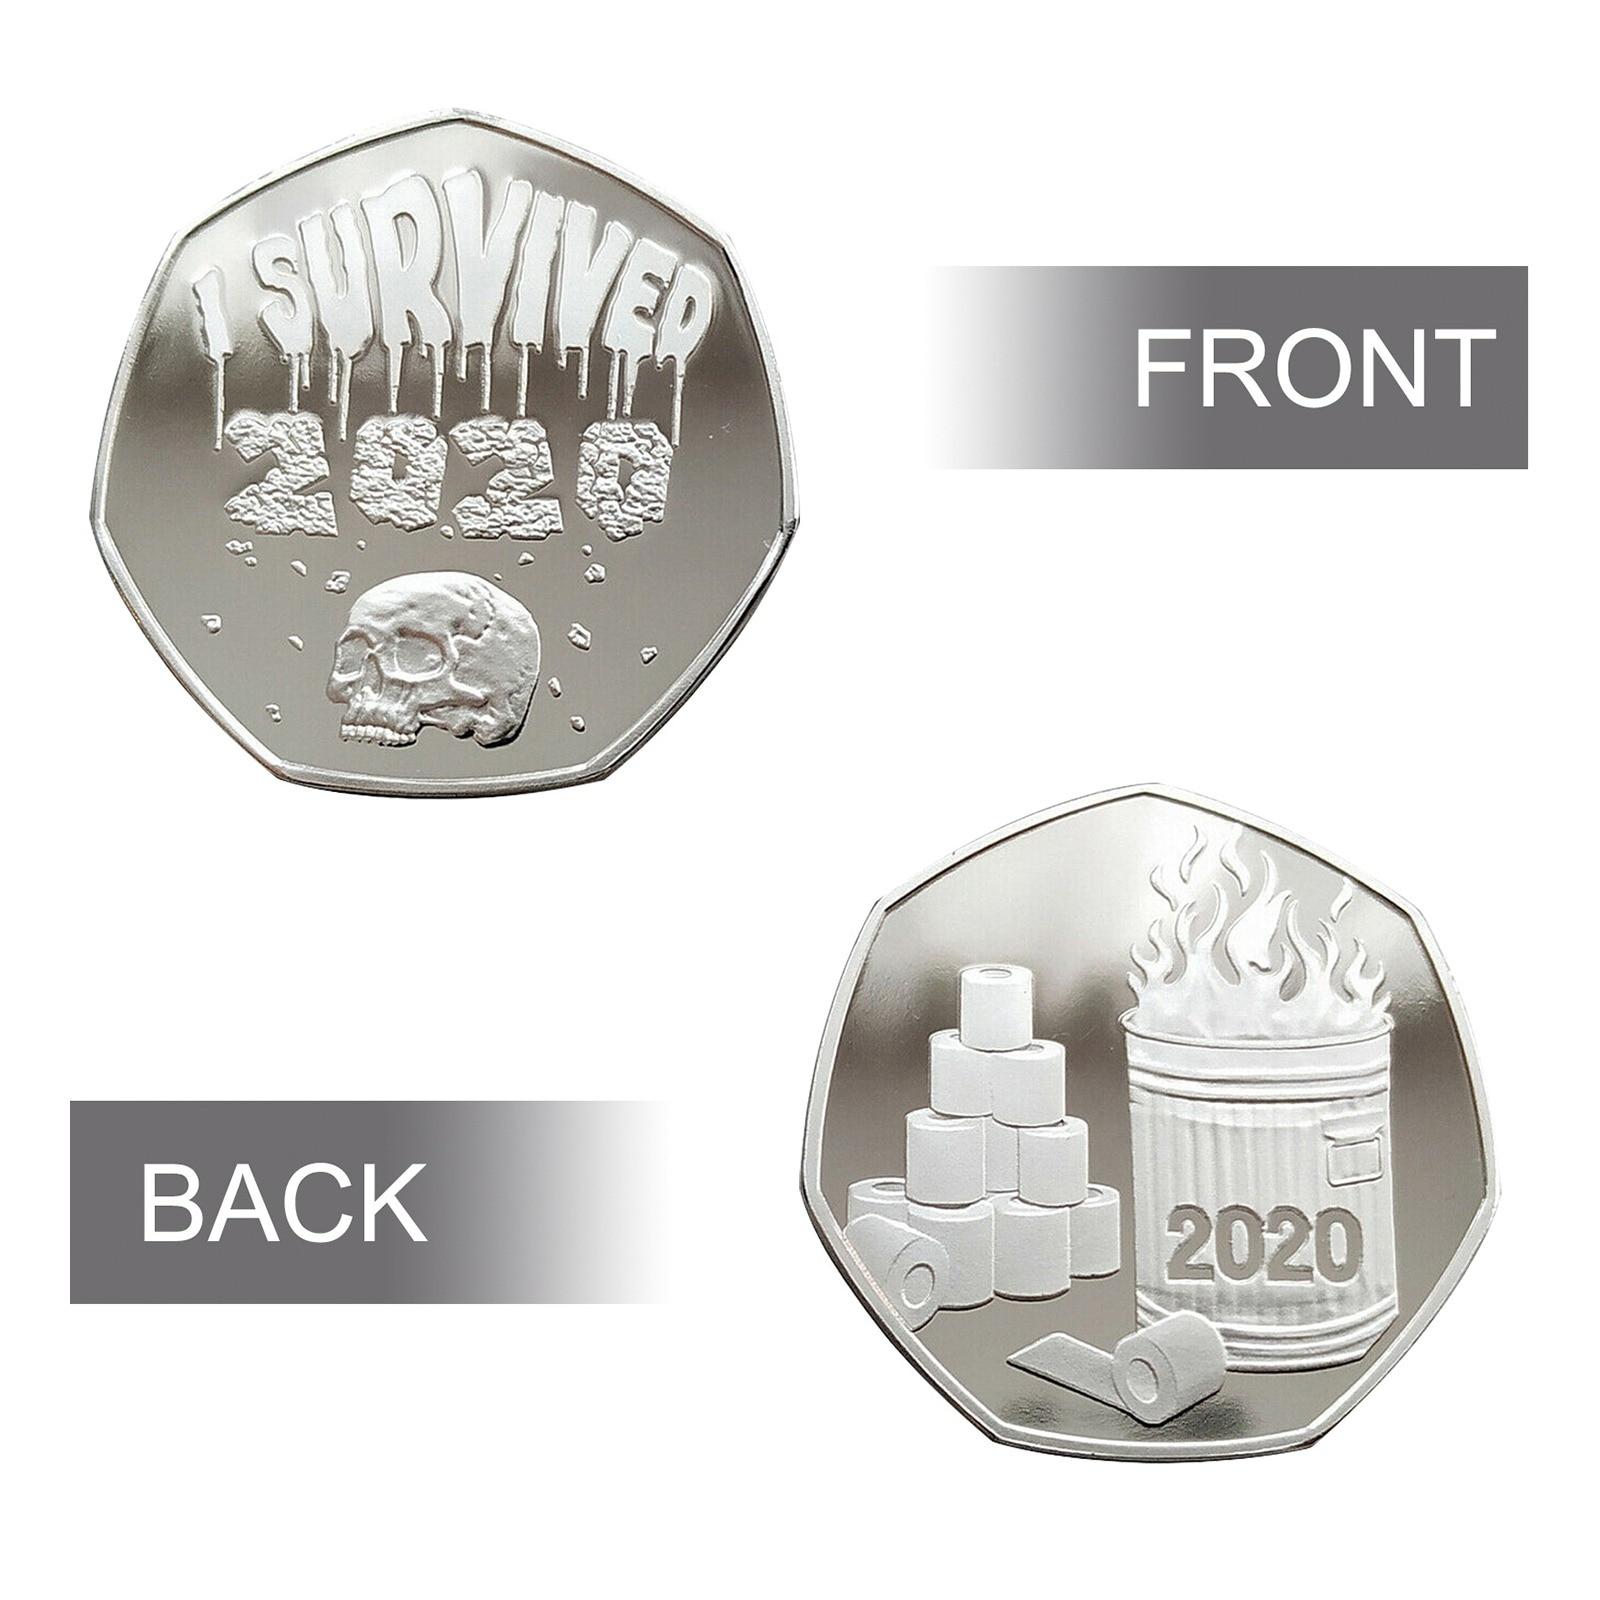 Памятные монеты с рисунком черепа, 2020 монет для торжественных событий, значок «Я пережила», 2020 монет для друзей и семьи, креативные подарки